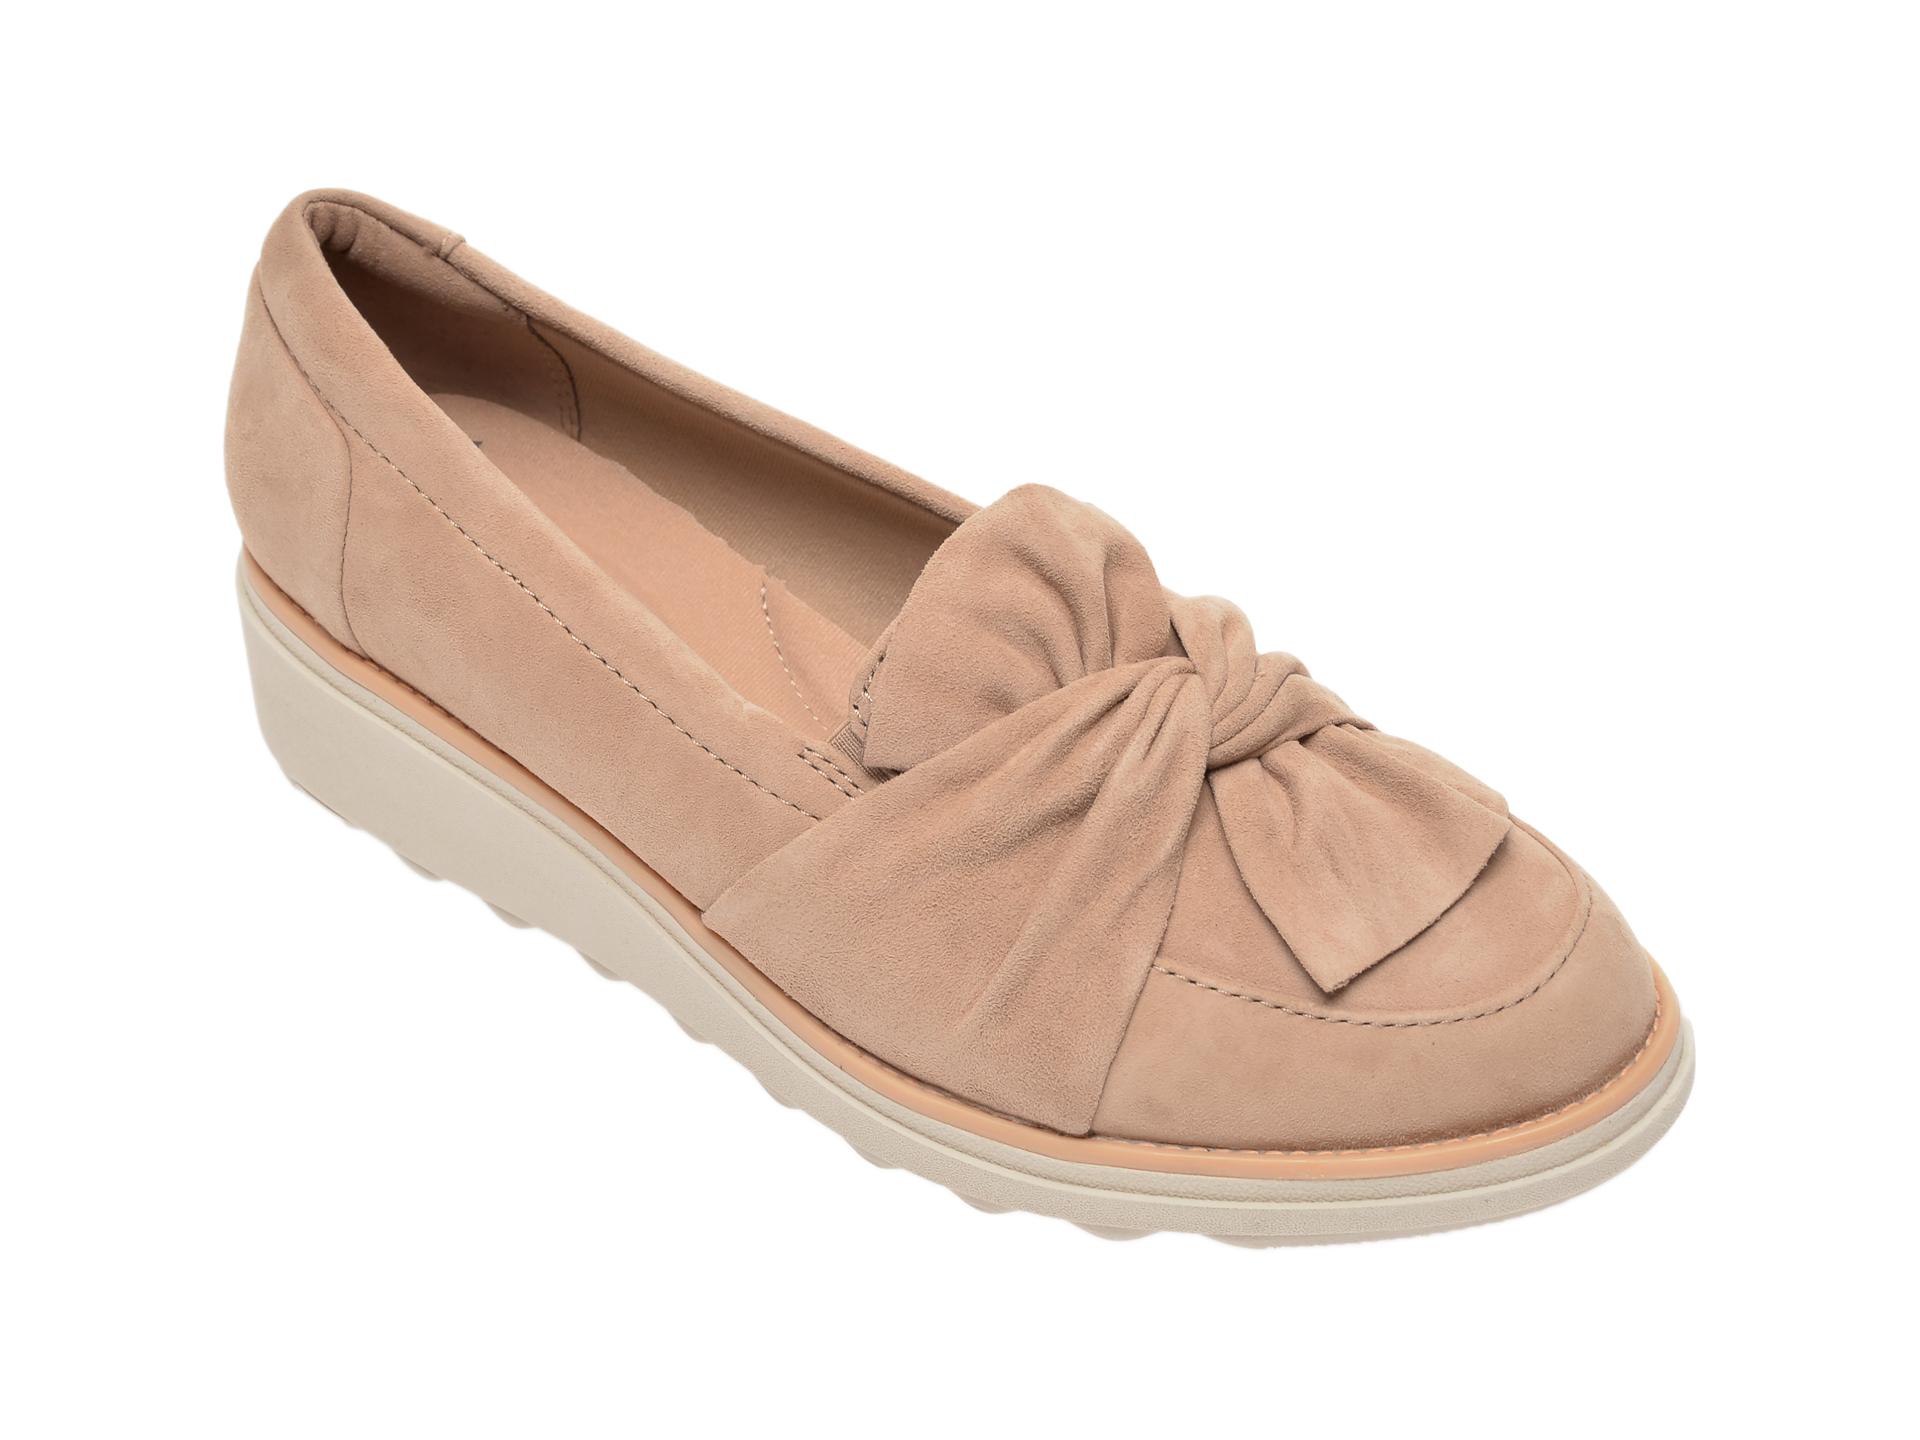 Pantofi CLARKS bej, Sharon Dasher, din piele intoarsa